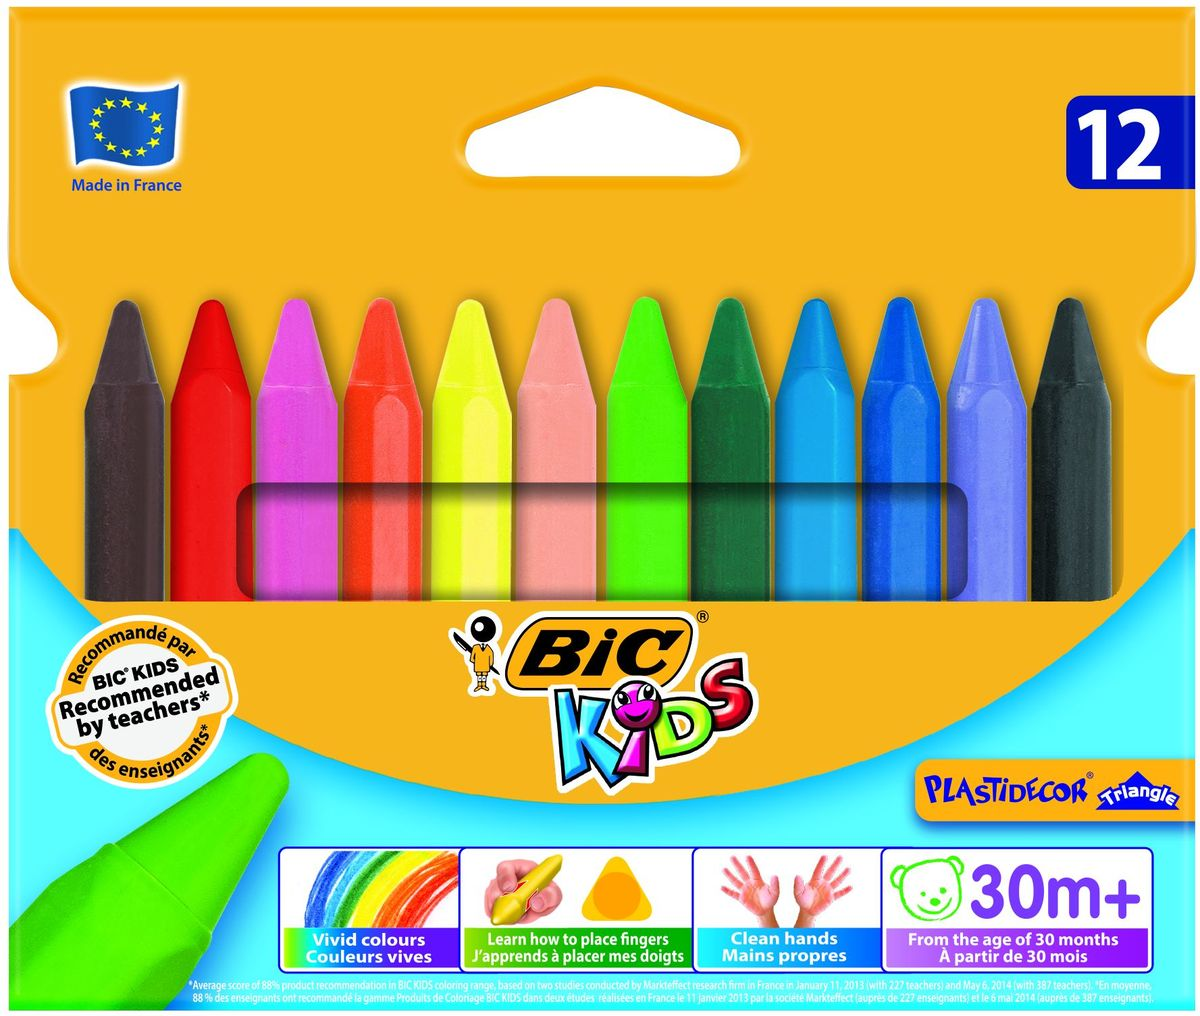 Bic Мелки цветные Plastidecor 12 цветовB829773Восковые мелки Bic Plastidecor откроют юным художникам новые горизонты для творчества, а также помогут отлично развить мелкую моторику рук, цветовое восприятие, фантазию и воображение.Прочные пластиковые мелки предназначены для рисования на картоне и бумаге. Утолщенный трехгранный корпус особенно удобен для детской руки. Мелки обеспечивают удивительно мягкое письмо, обладают отличными кроющими свойствами. Их можно затачивать и стирать как карандаш. Мелки не пачкаются, что позволит сохранить руки чистыми. В набор входят восковые мелки 12 ярких классических цветов. Идеальный инструмент для рисования для детей от 30 месяцев.